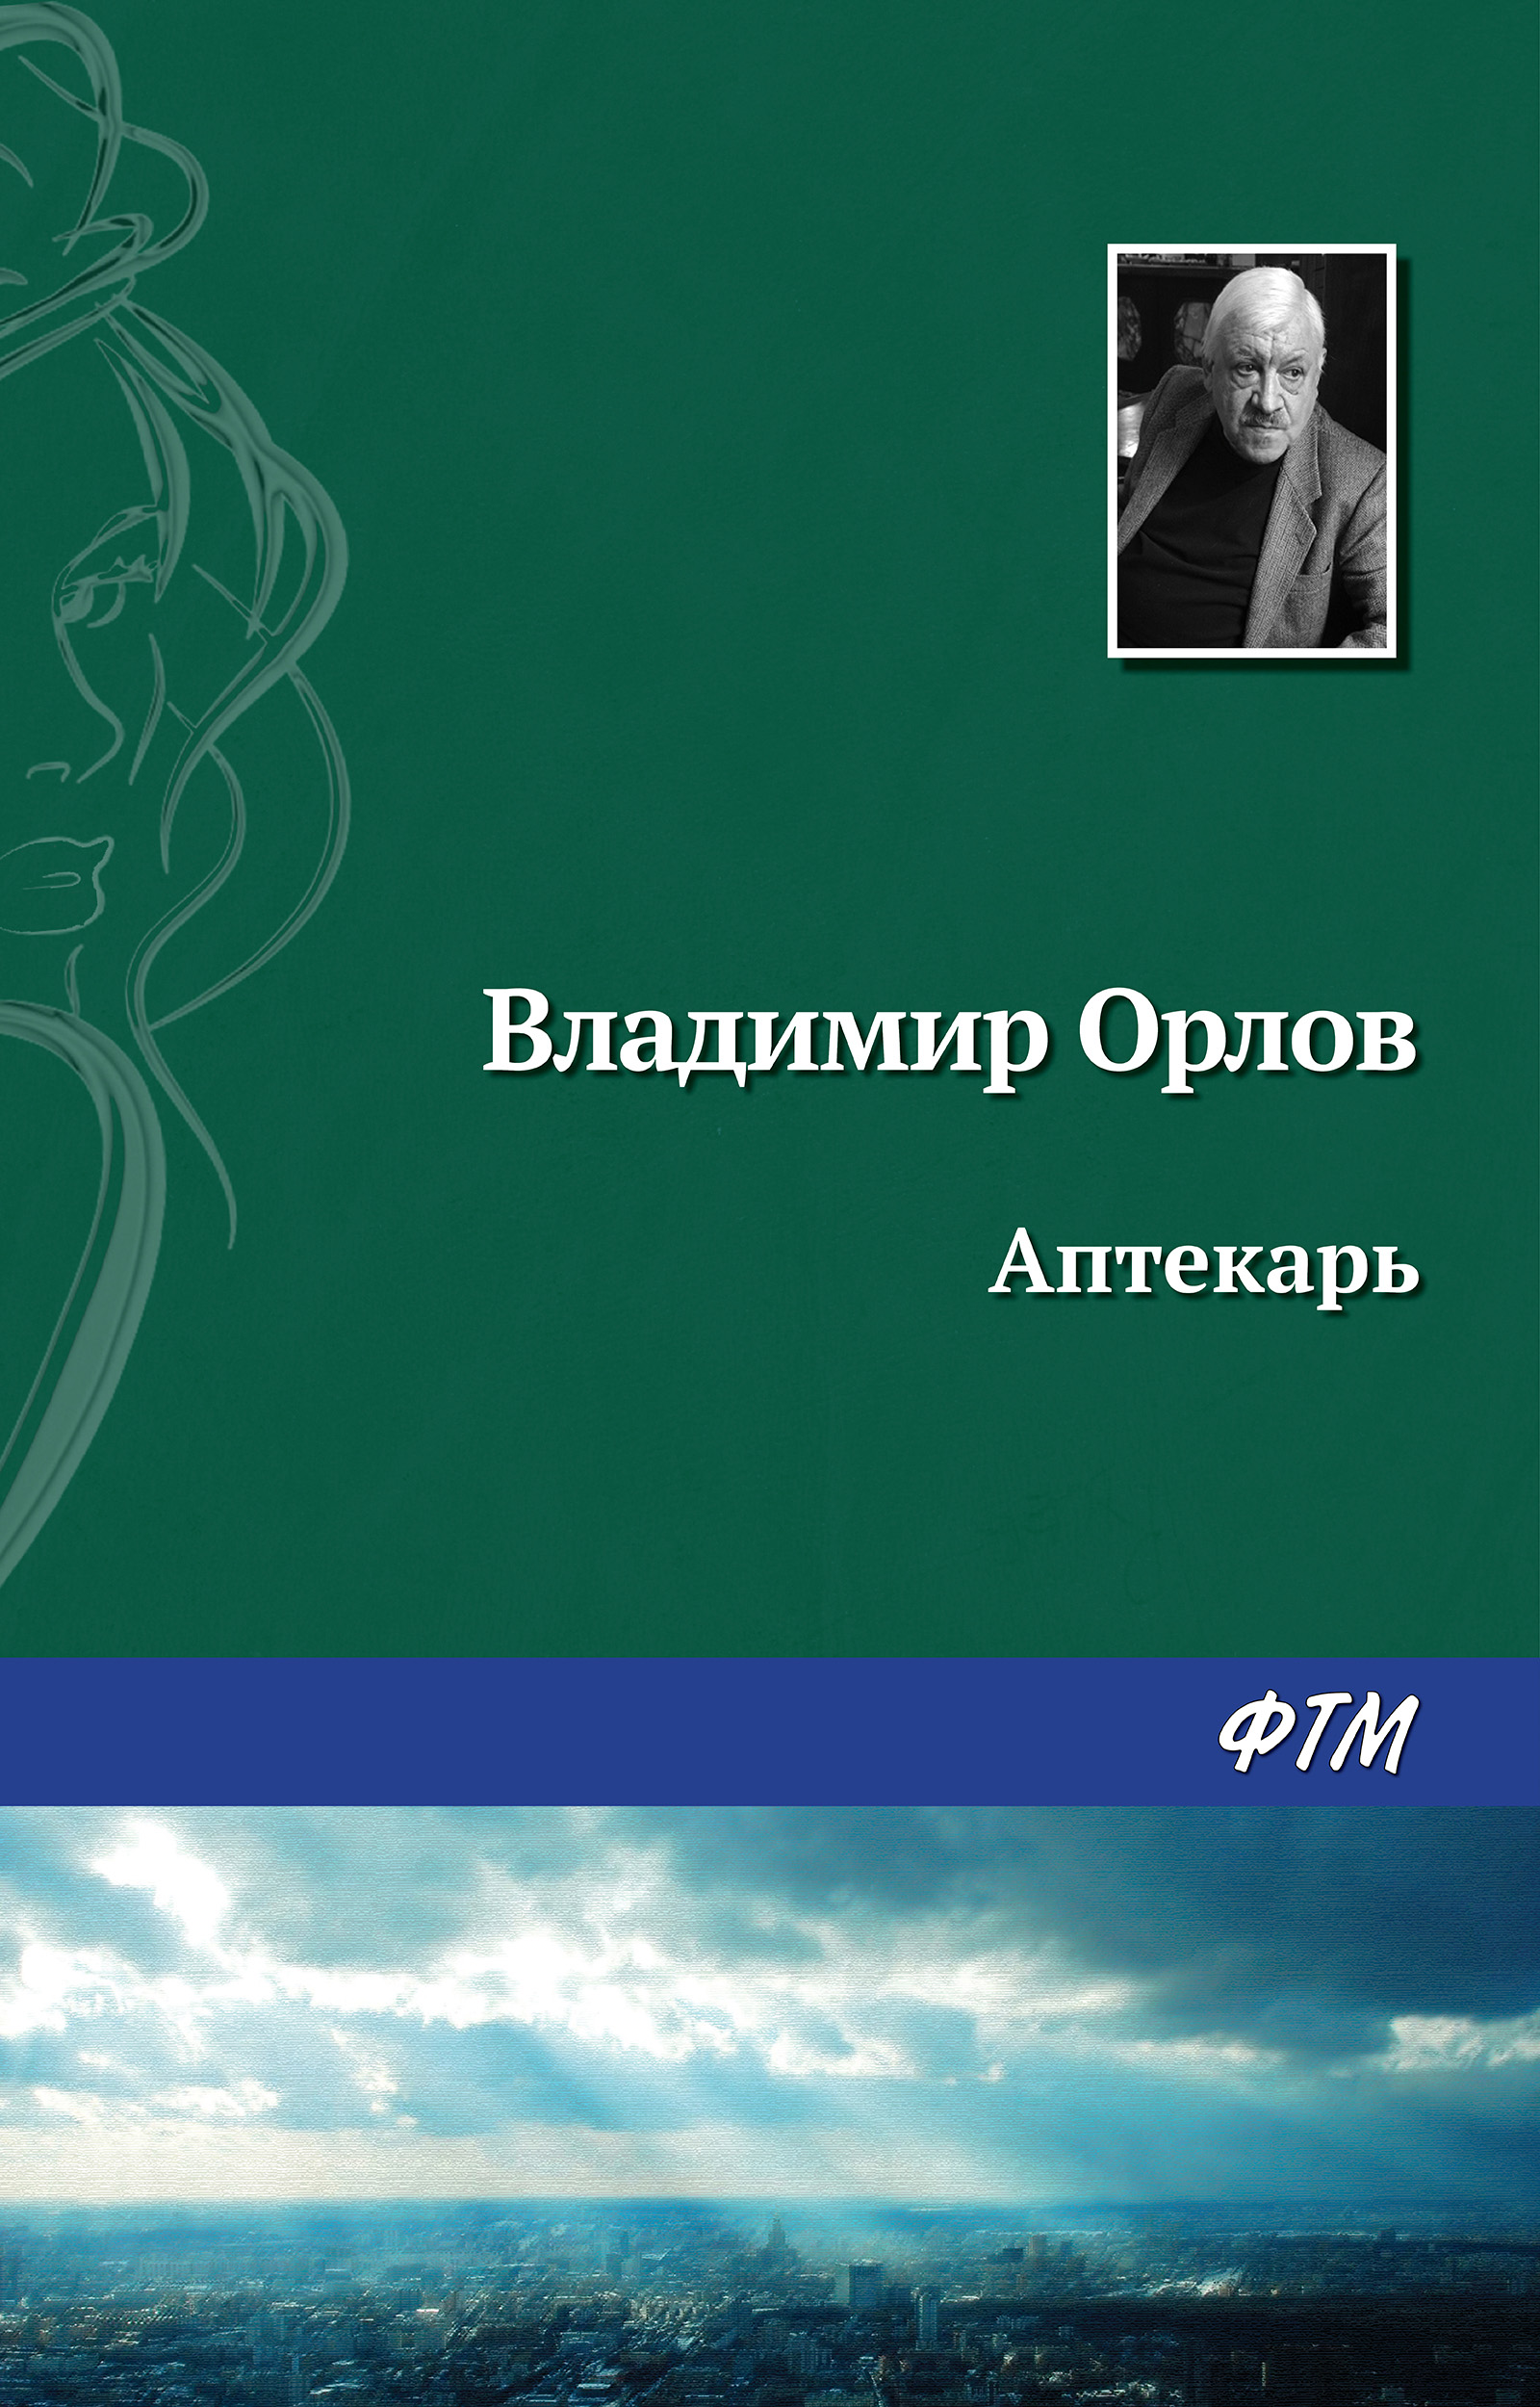 Владимир Орлов «Аптекарь»